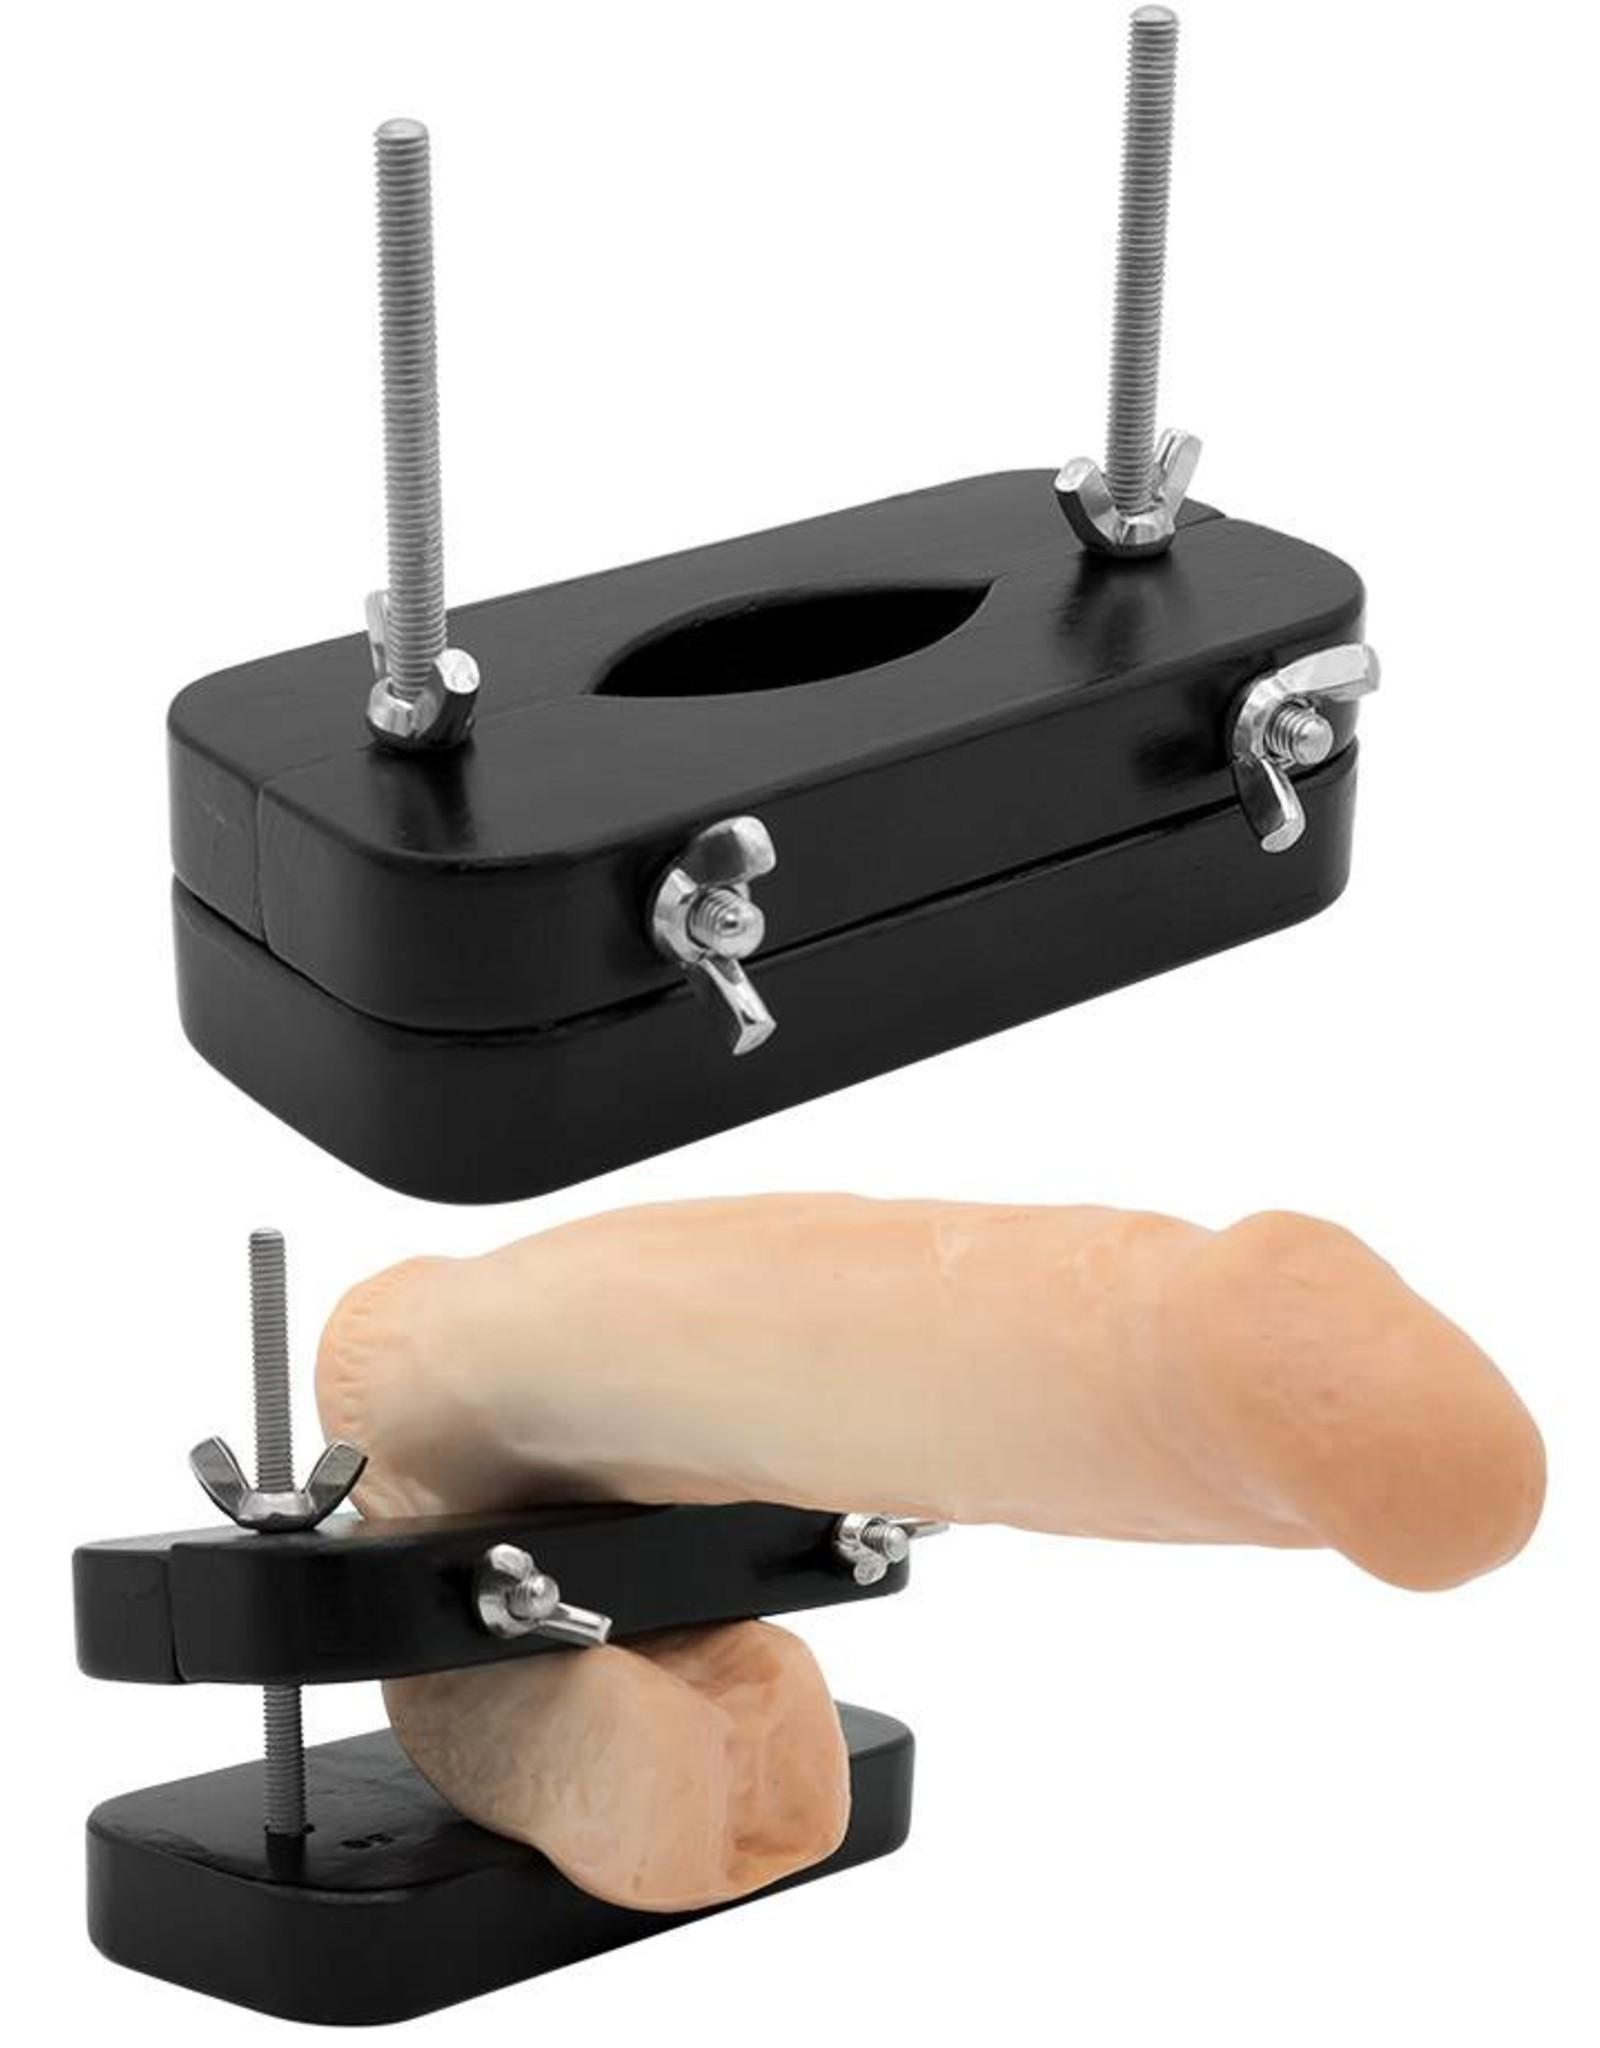 Extrem BDSM presse à testicules